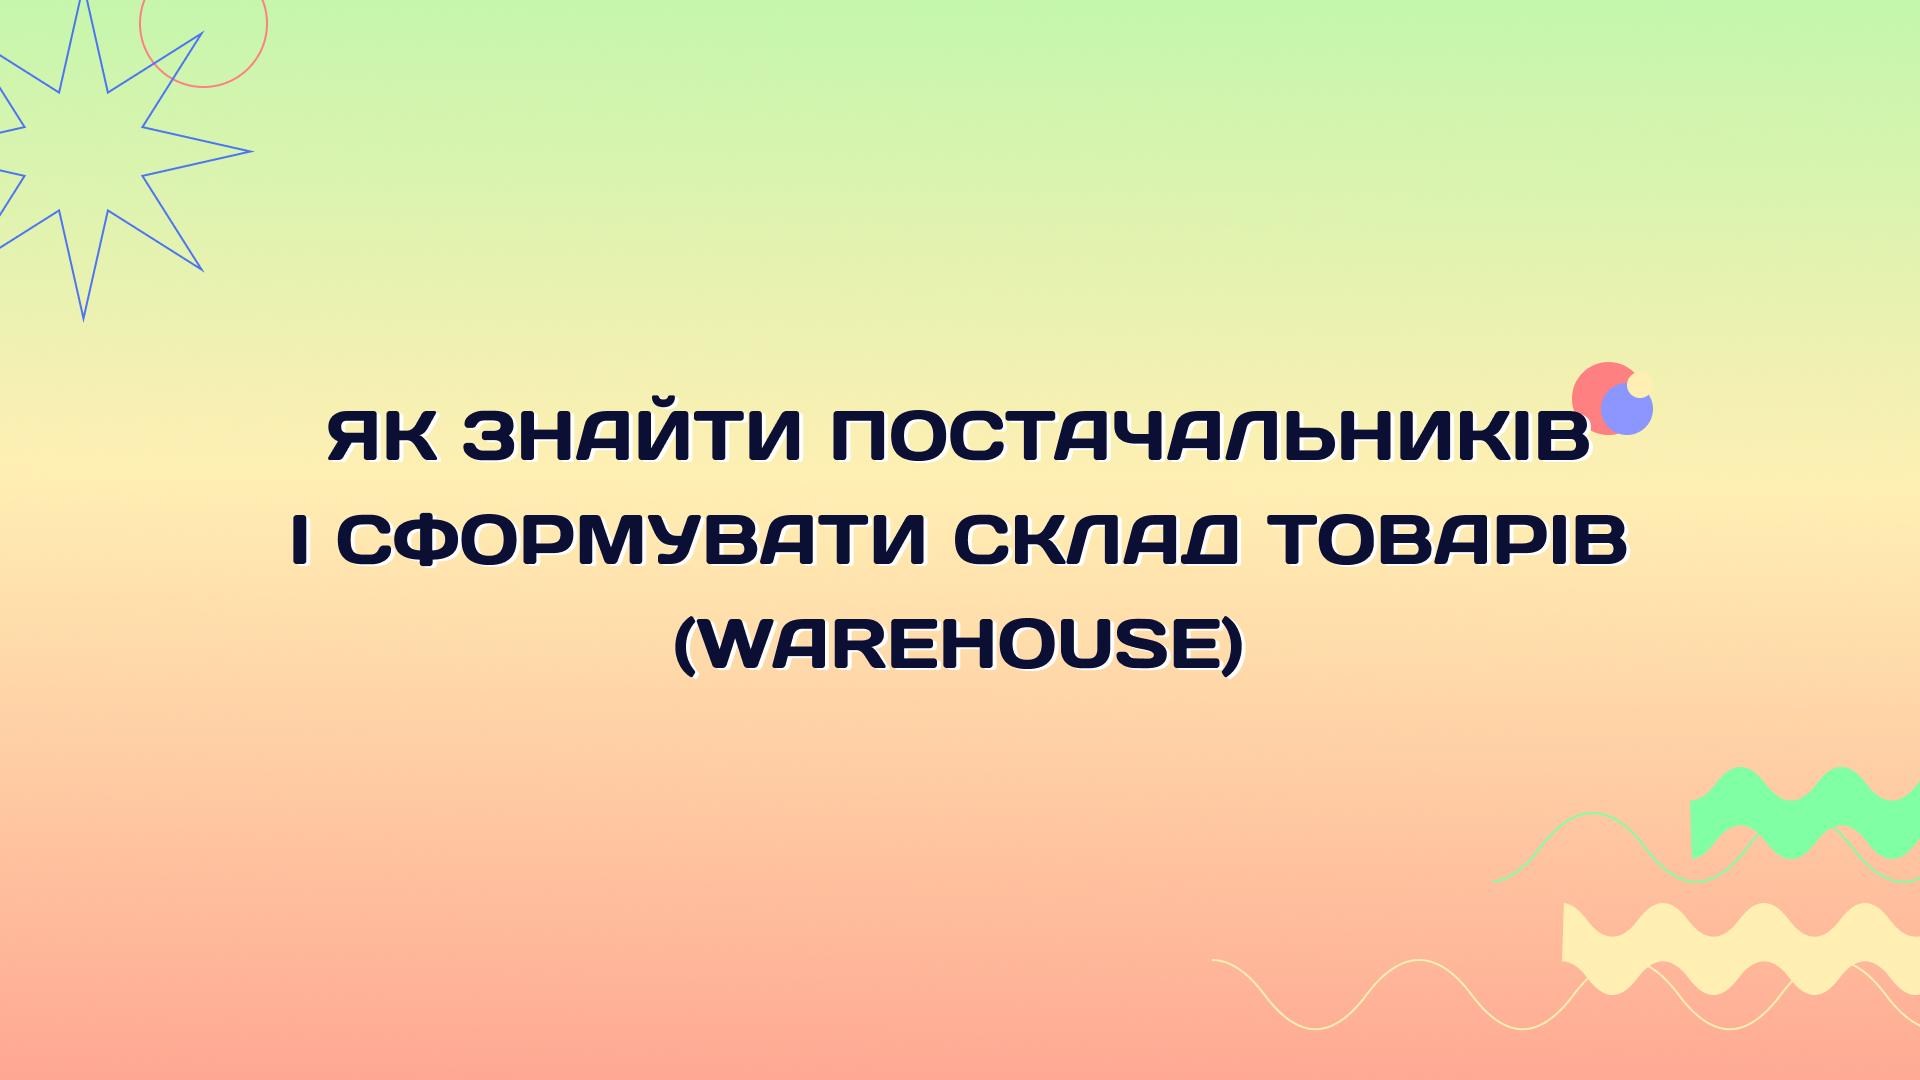 Як знайти постачальників і сформувати склад товарів для інтернет-магазину: виробники, дистриб'ютори та оптовики для warehouse-бізнесу